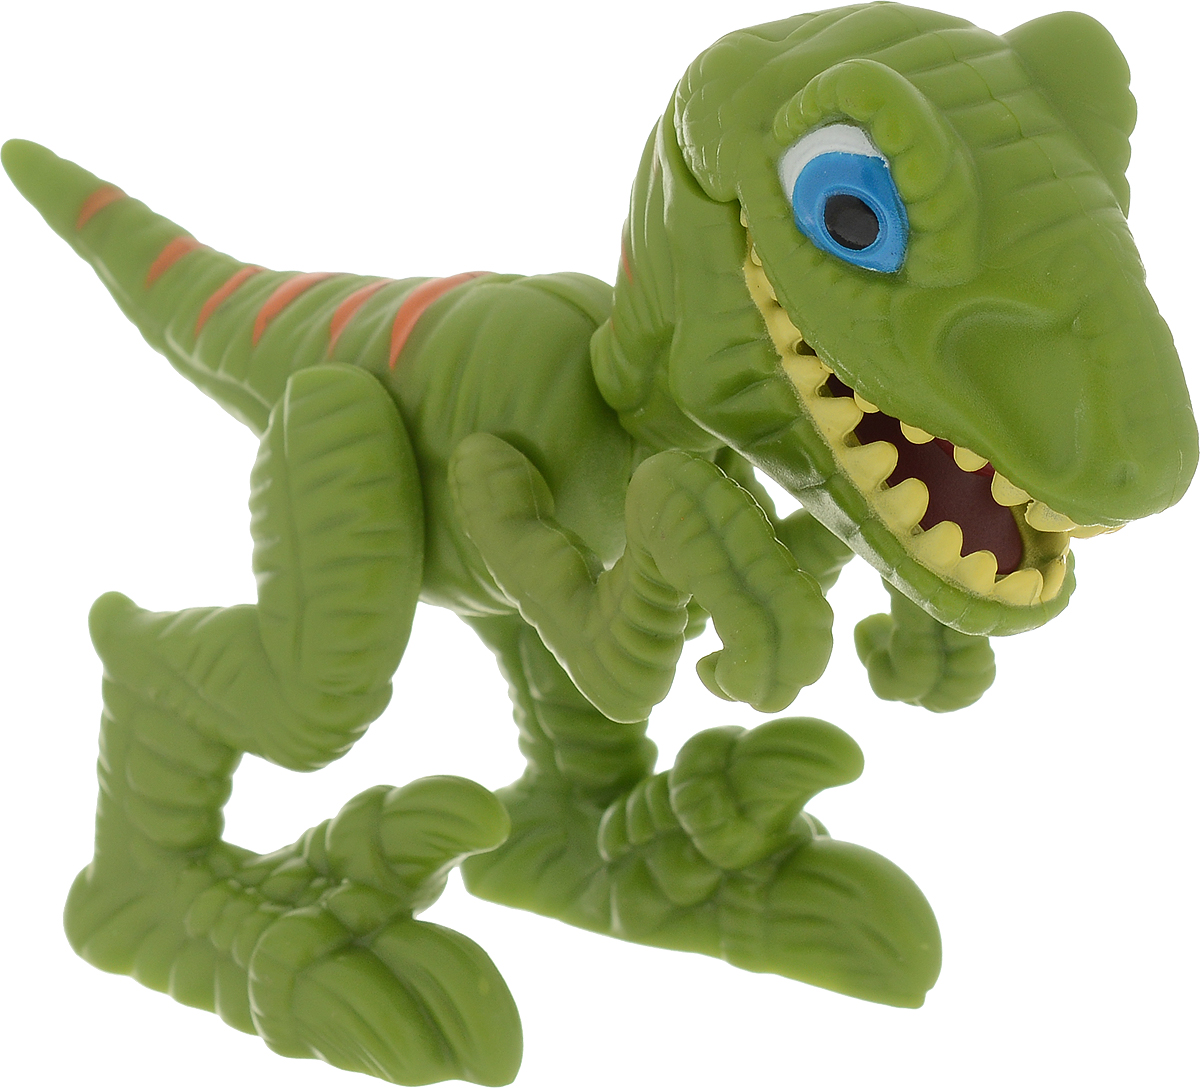 Junior Megasaur Фигурка Динозавр цвет зеленый 16916 фигурки игрушки junior megasaur игрушка junior megasaur динозавр звук голубой свет звук эфф ты